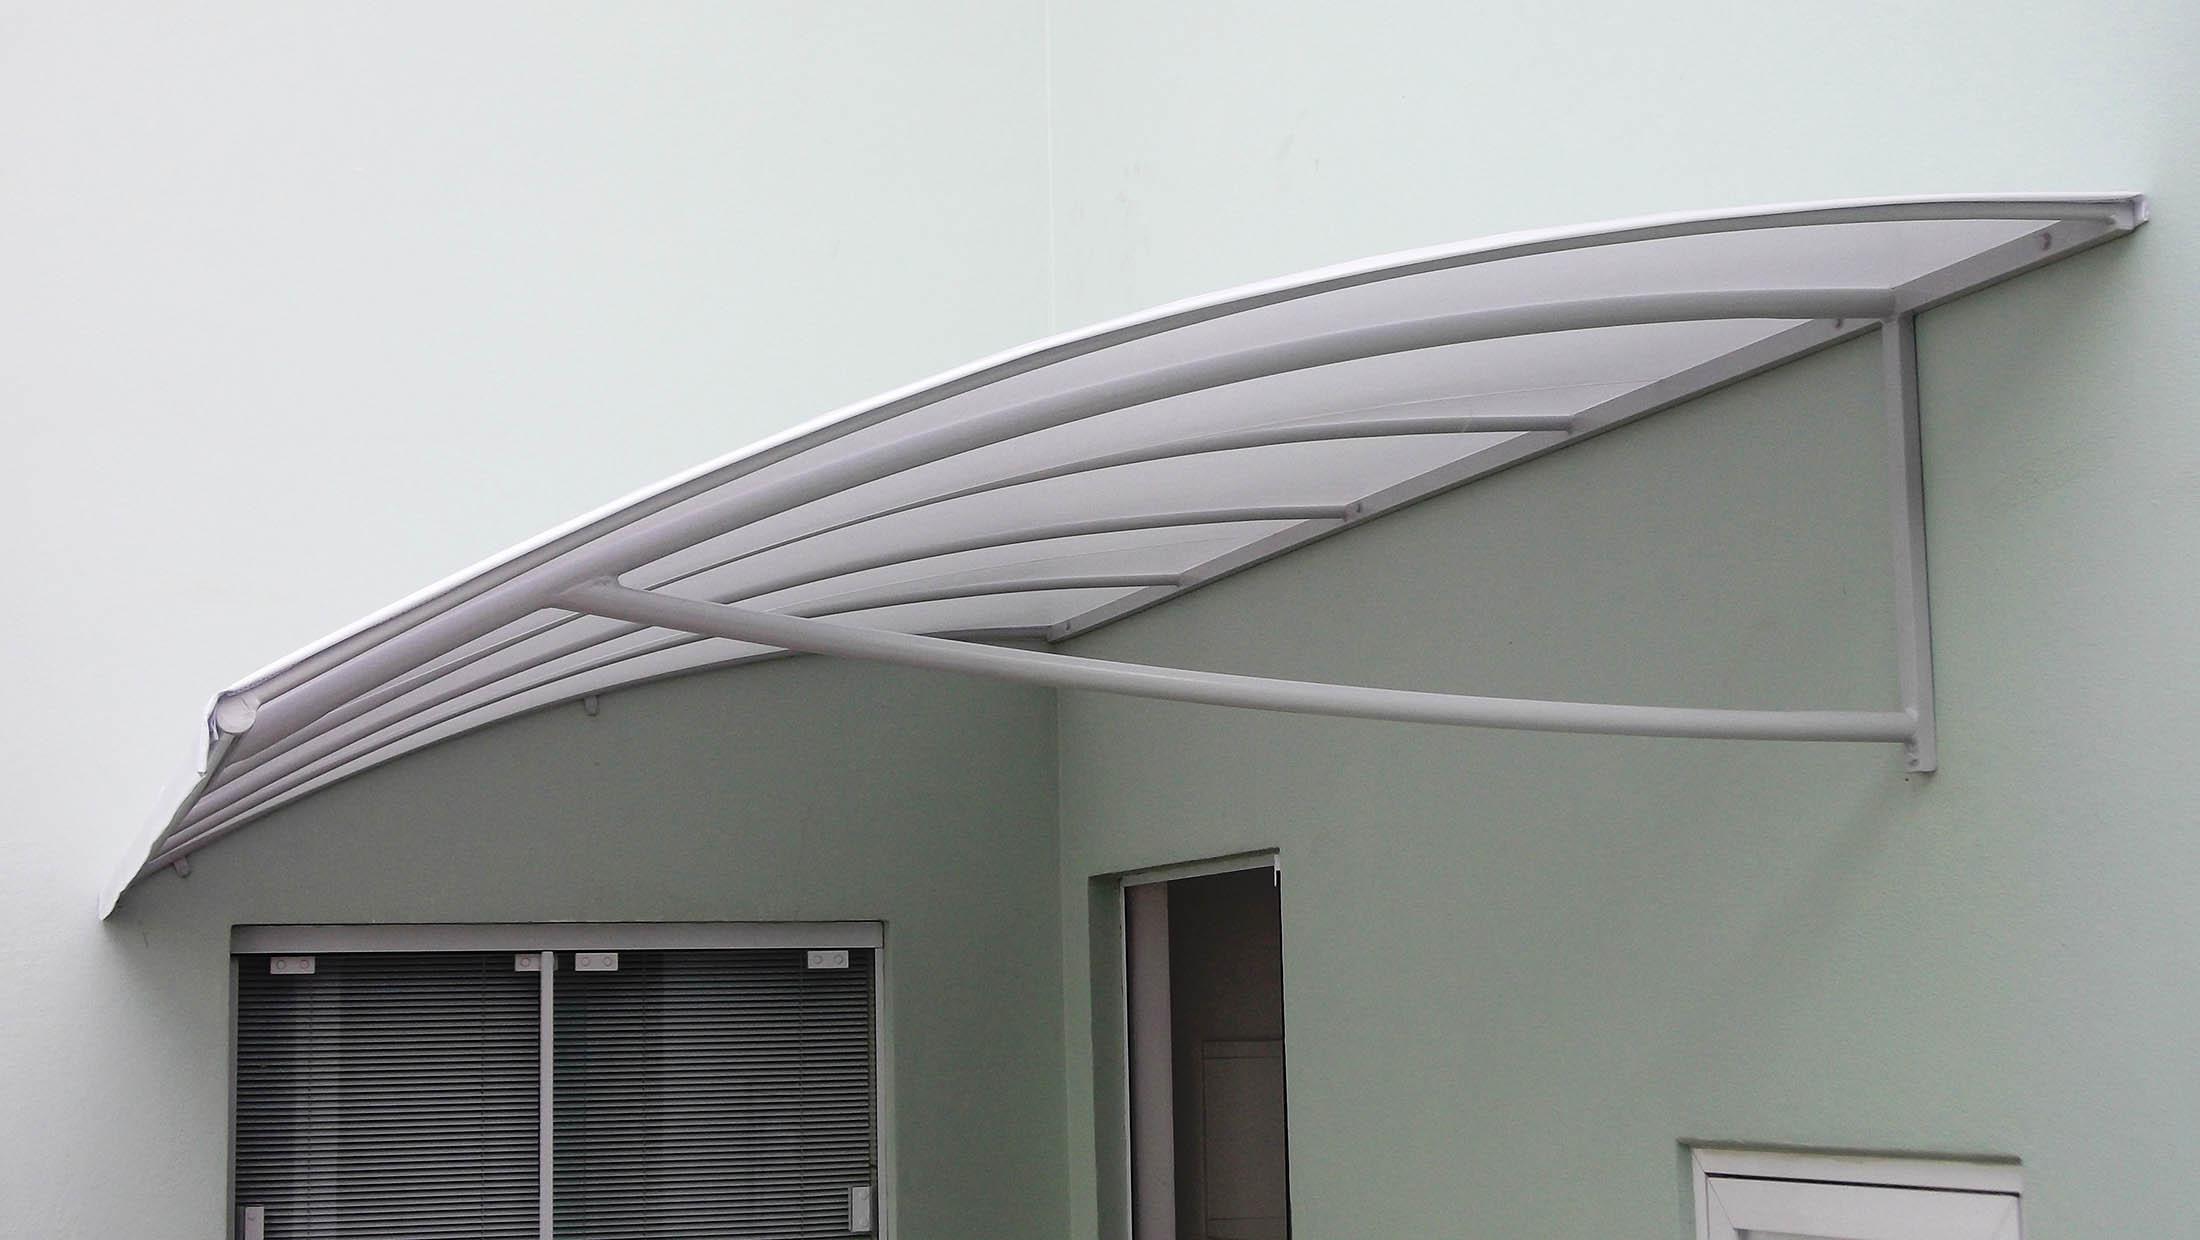 Os 10 tipos de toldos mais procurados guia do construtor for Materiales para toldos de aluminio